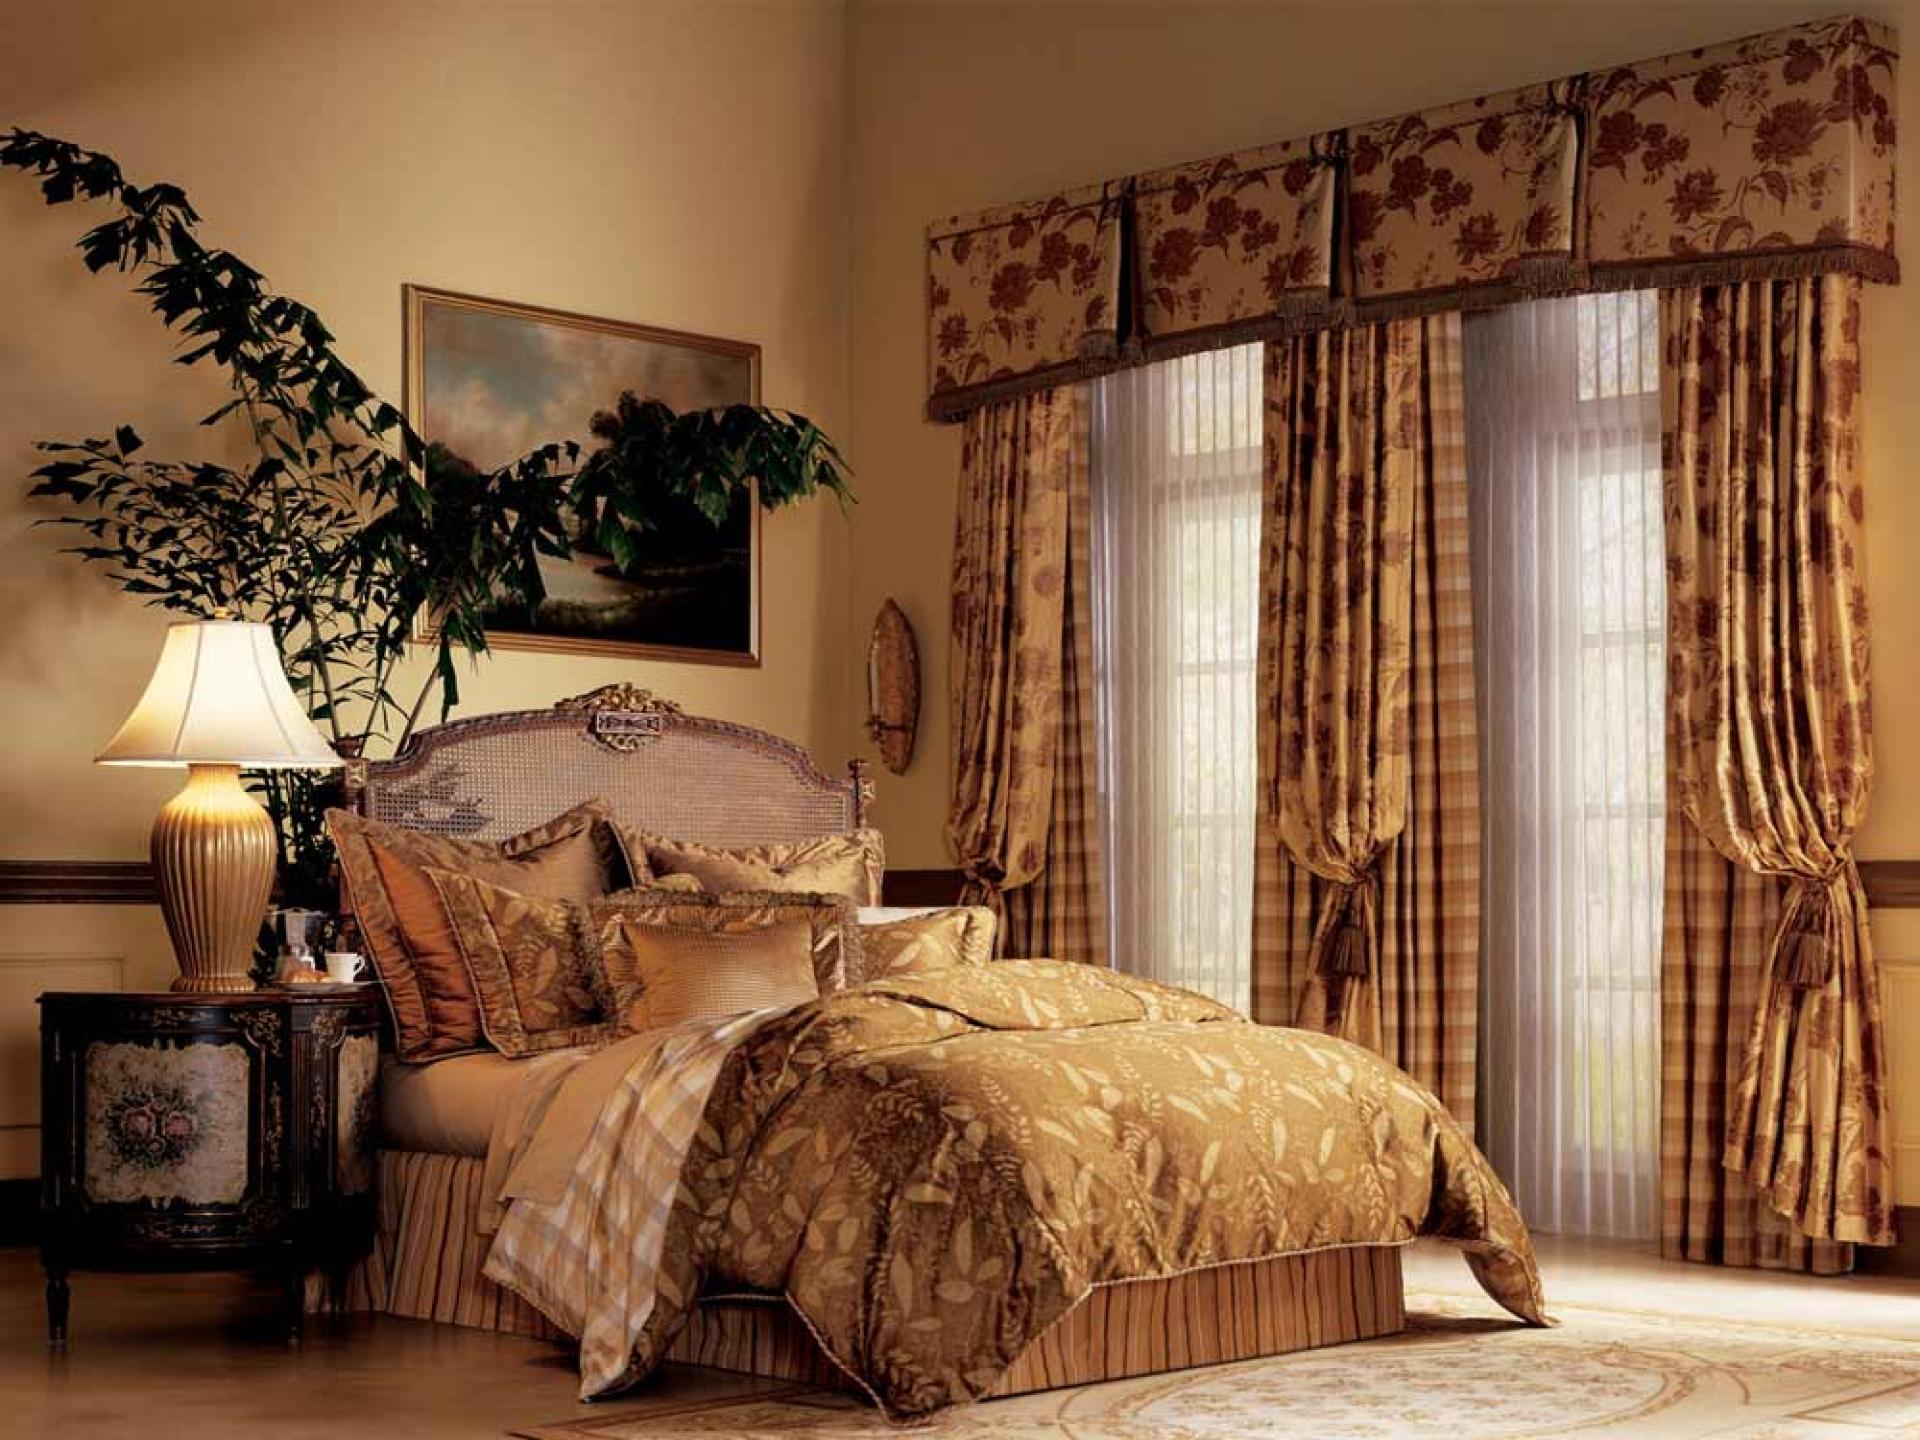 увлечения фуд портьерные шторы для спальни фото зря отечественных селекционеров